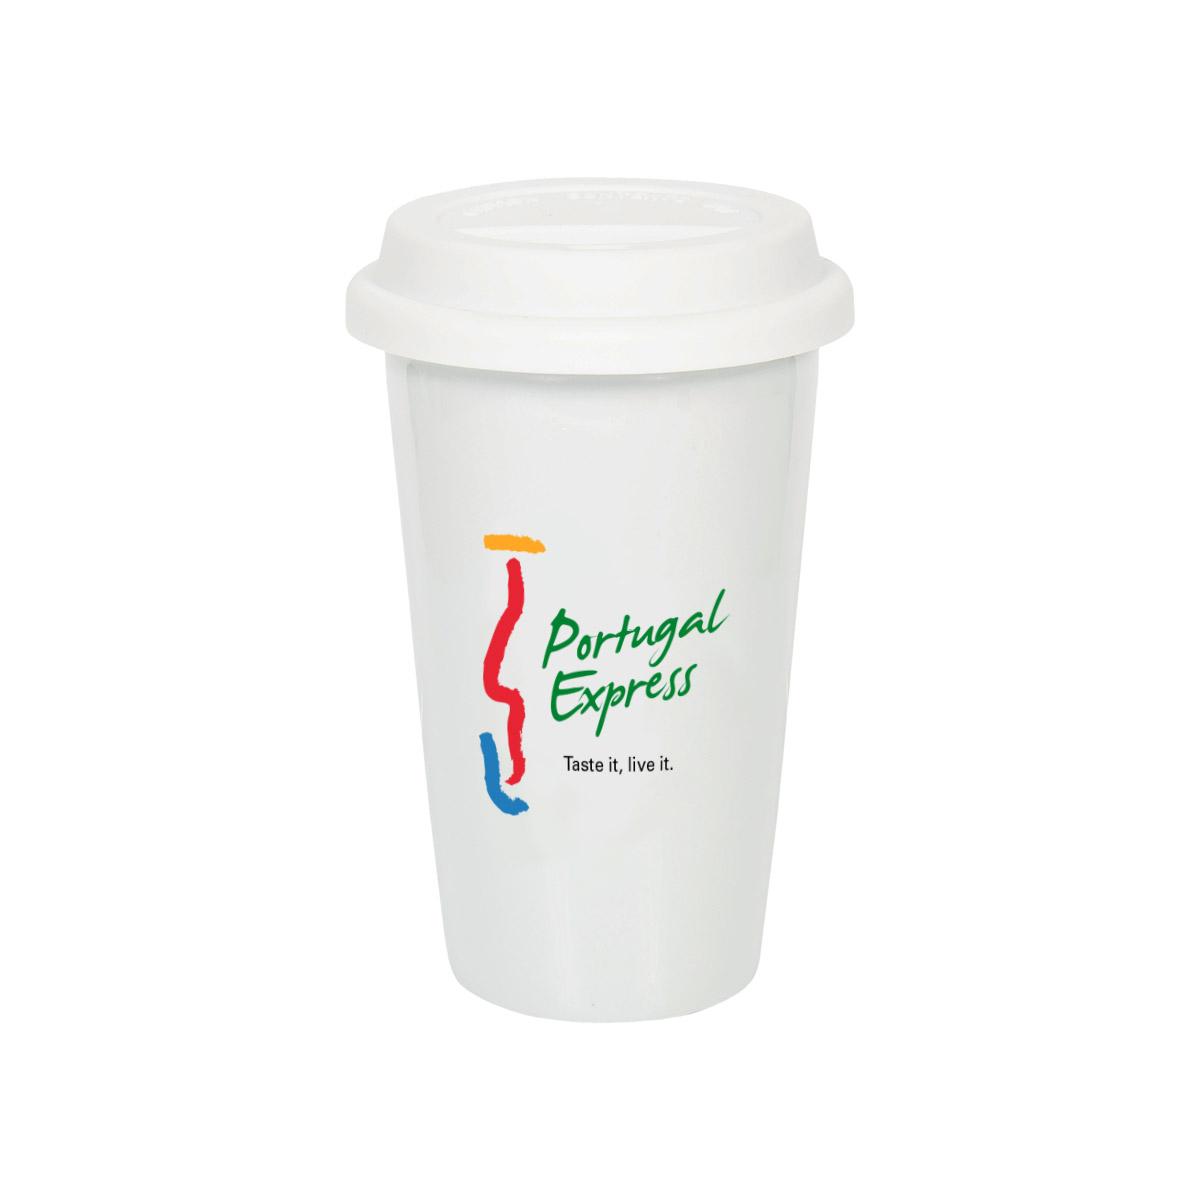 7coffee